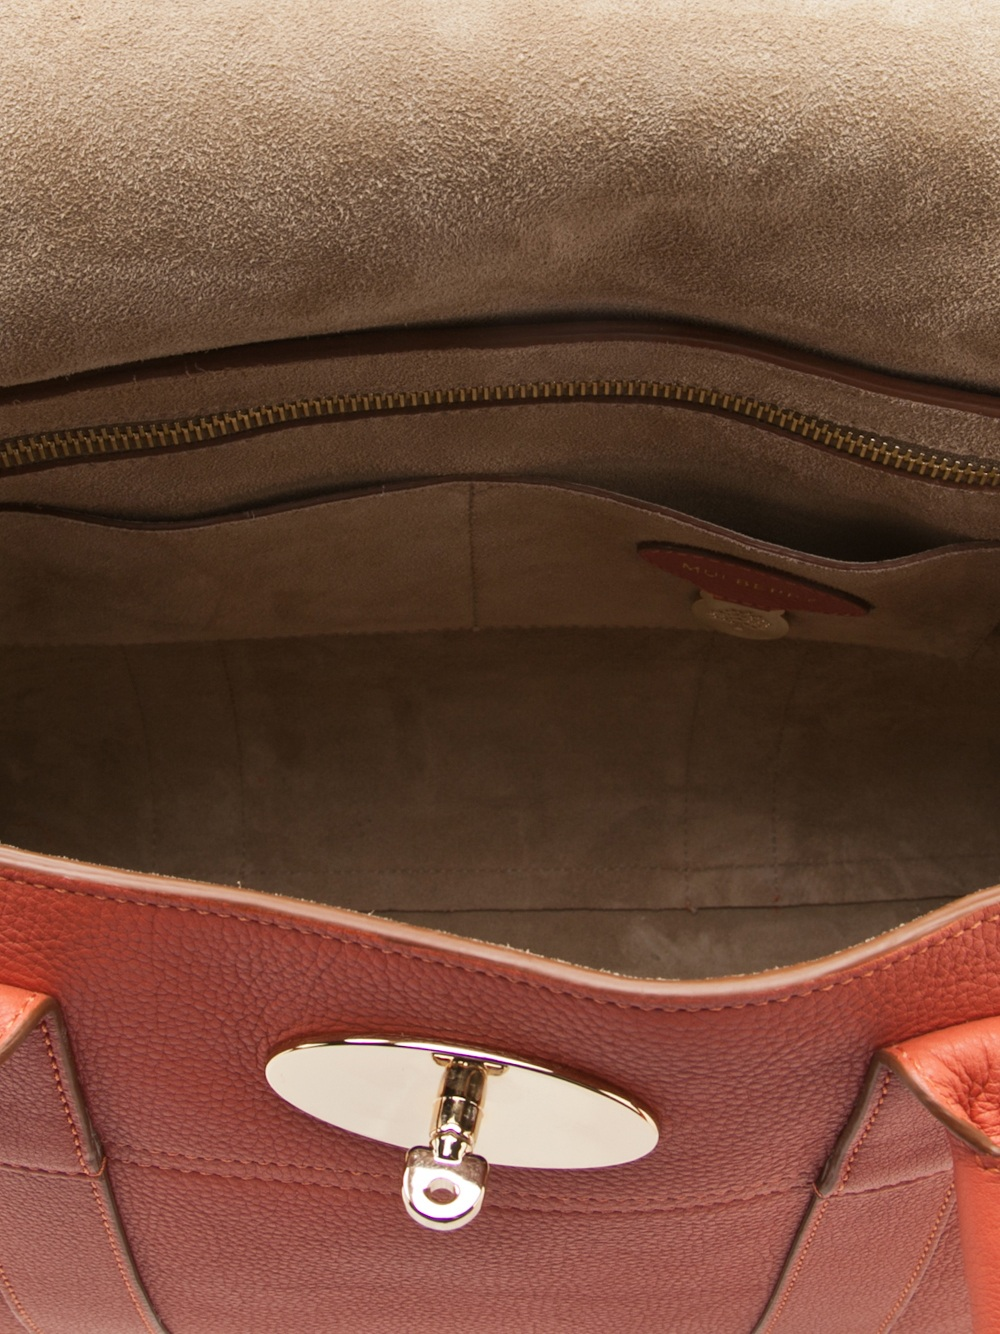 b05dfc012e ... aliexpress mulberry turn lock handbag in red lyst 07c2e 8697f